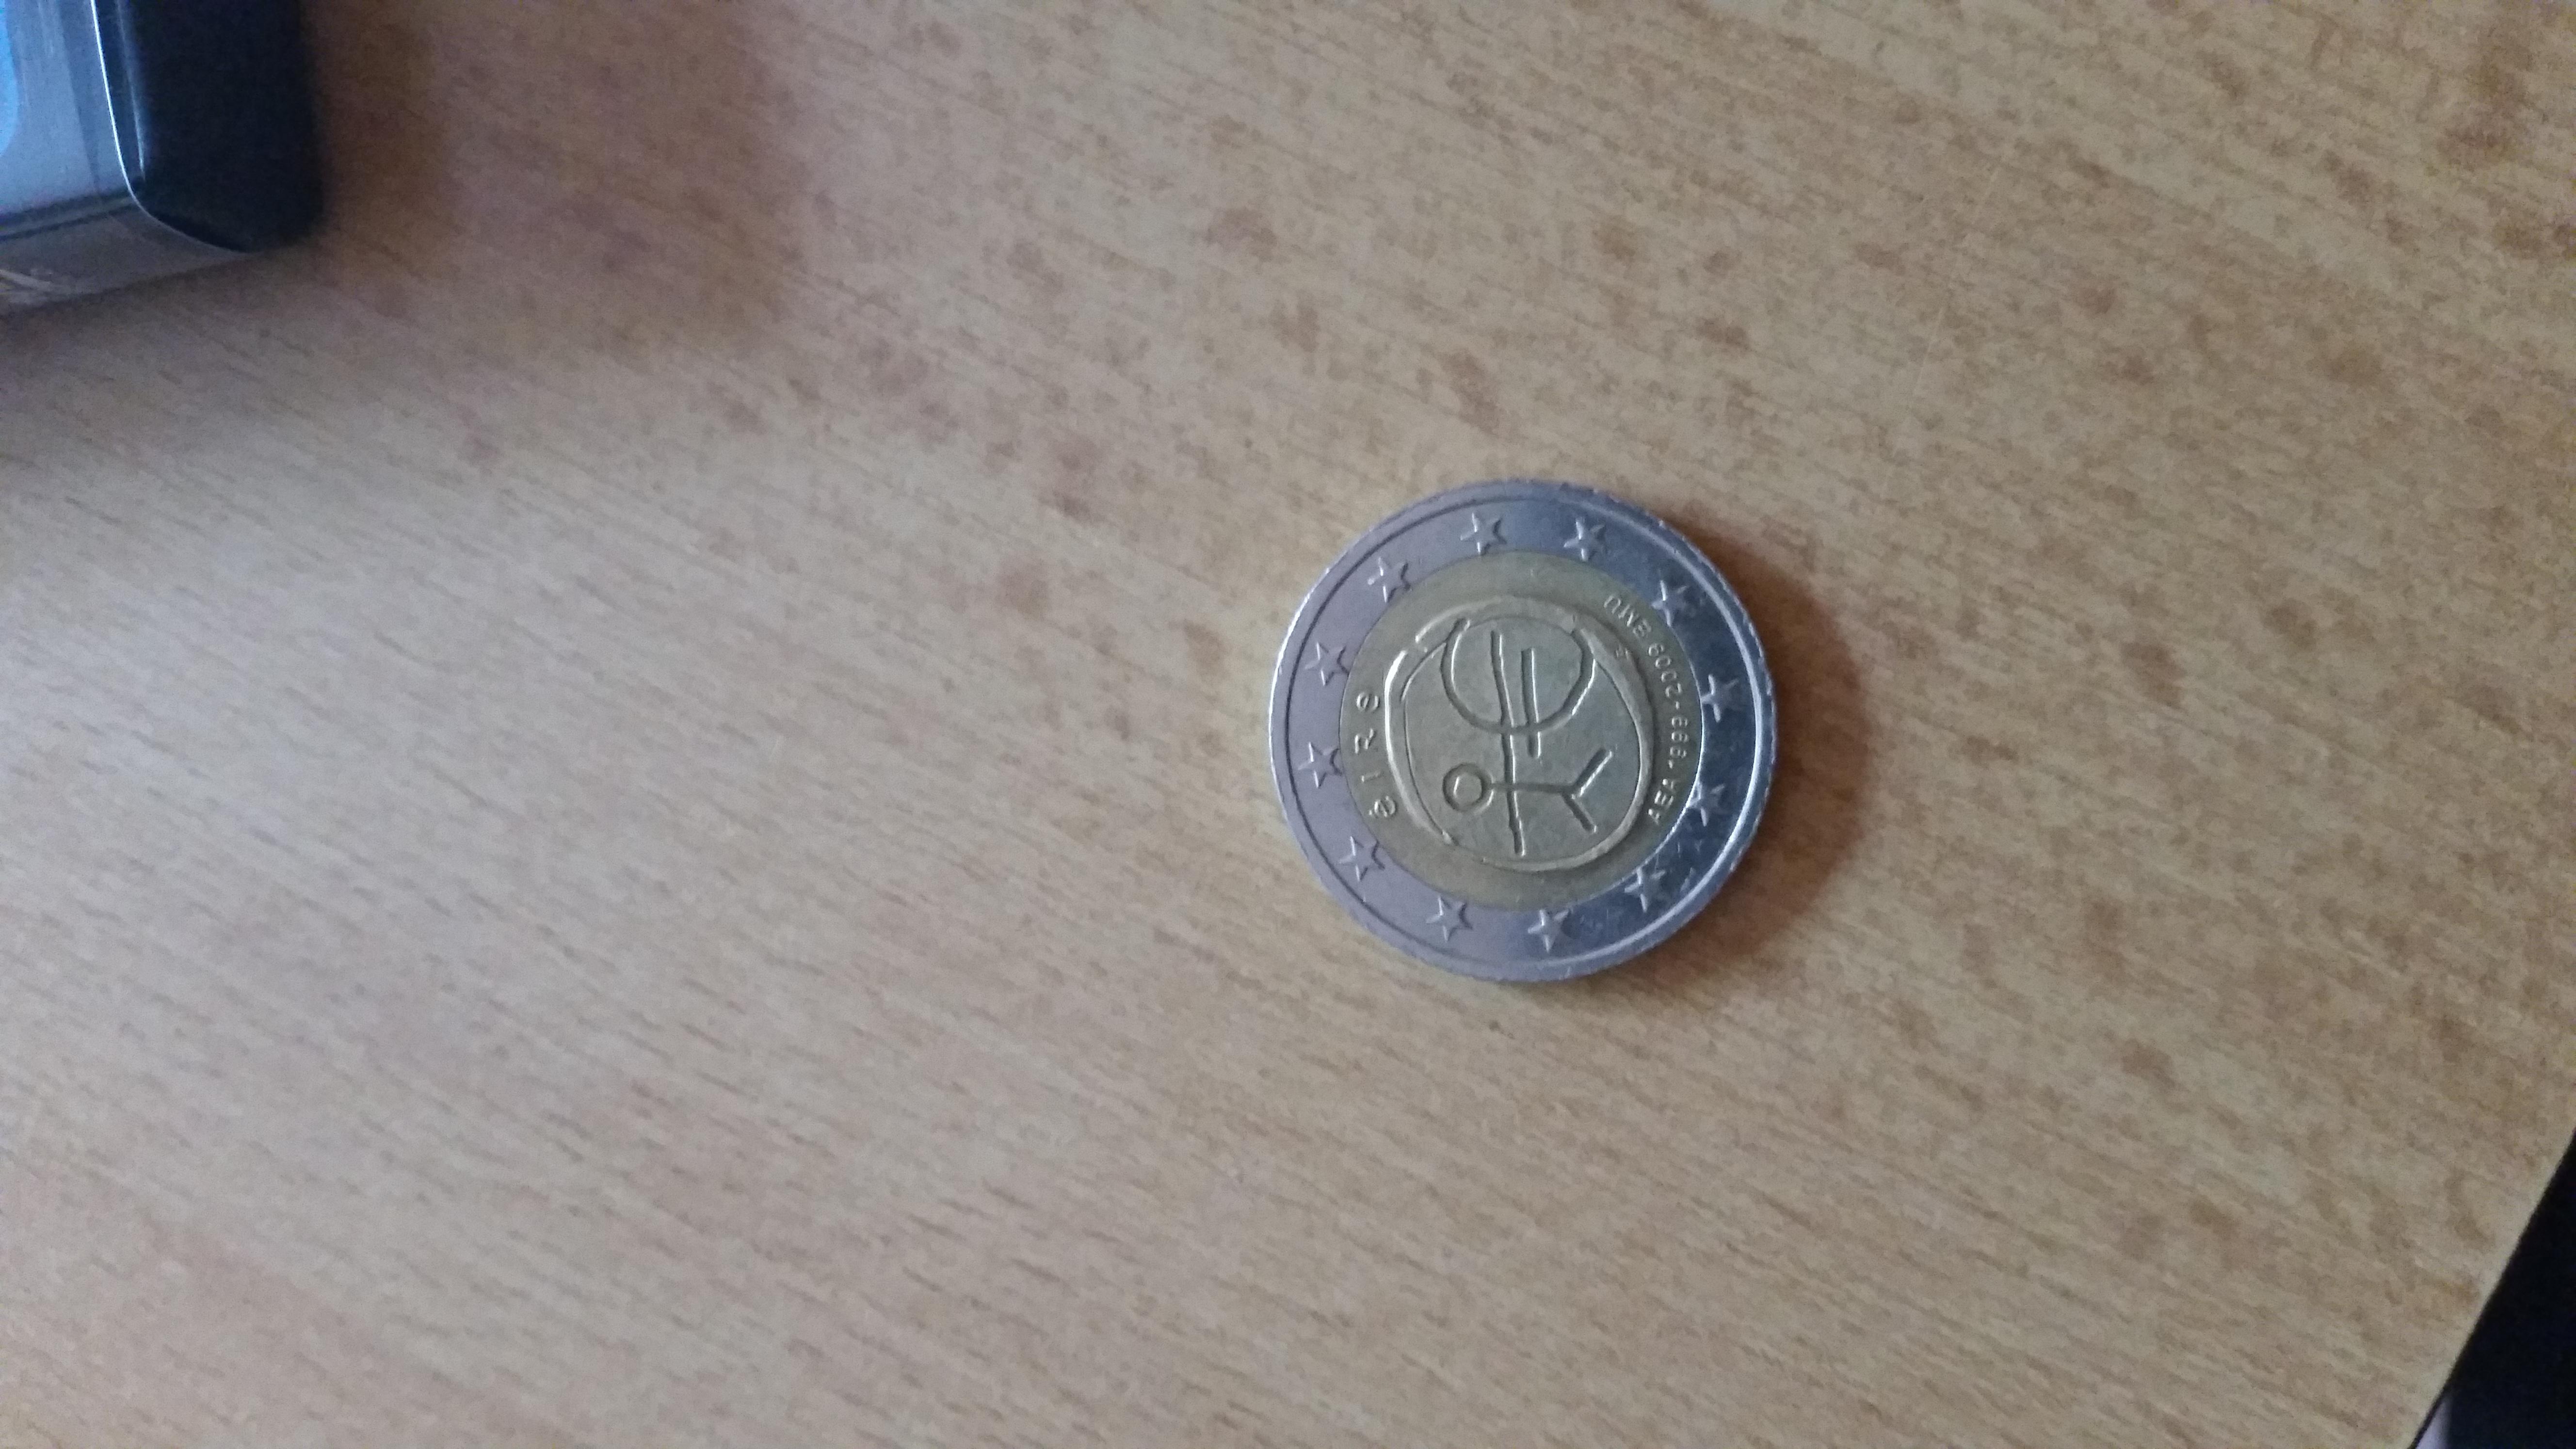 Ist Diese 2 Euro Münze Etwas Wert Oo Strichmännchen